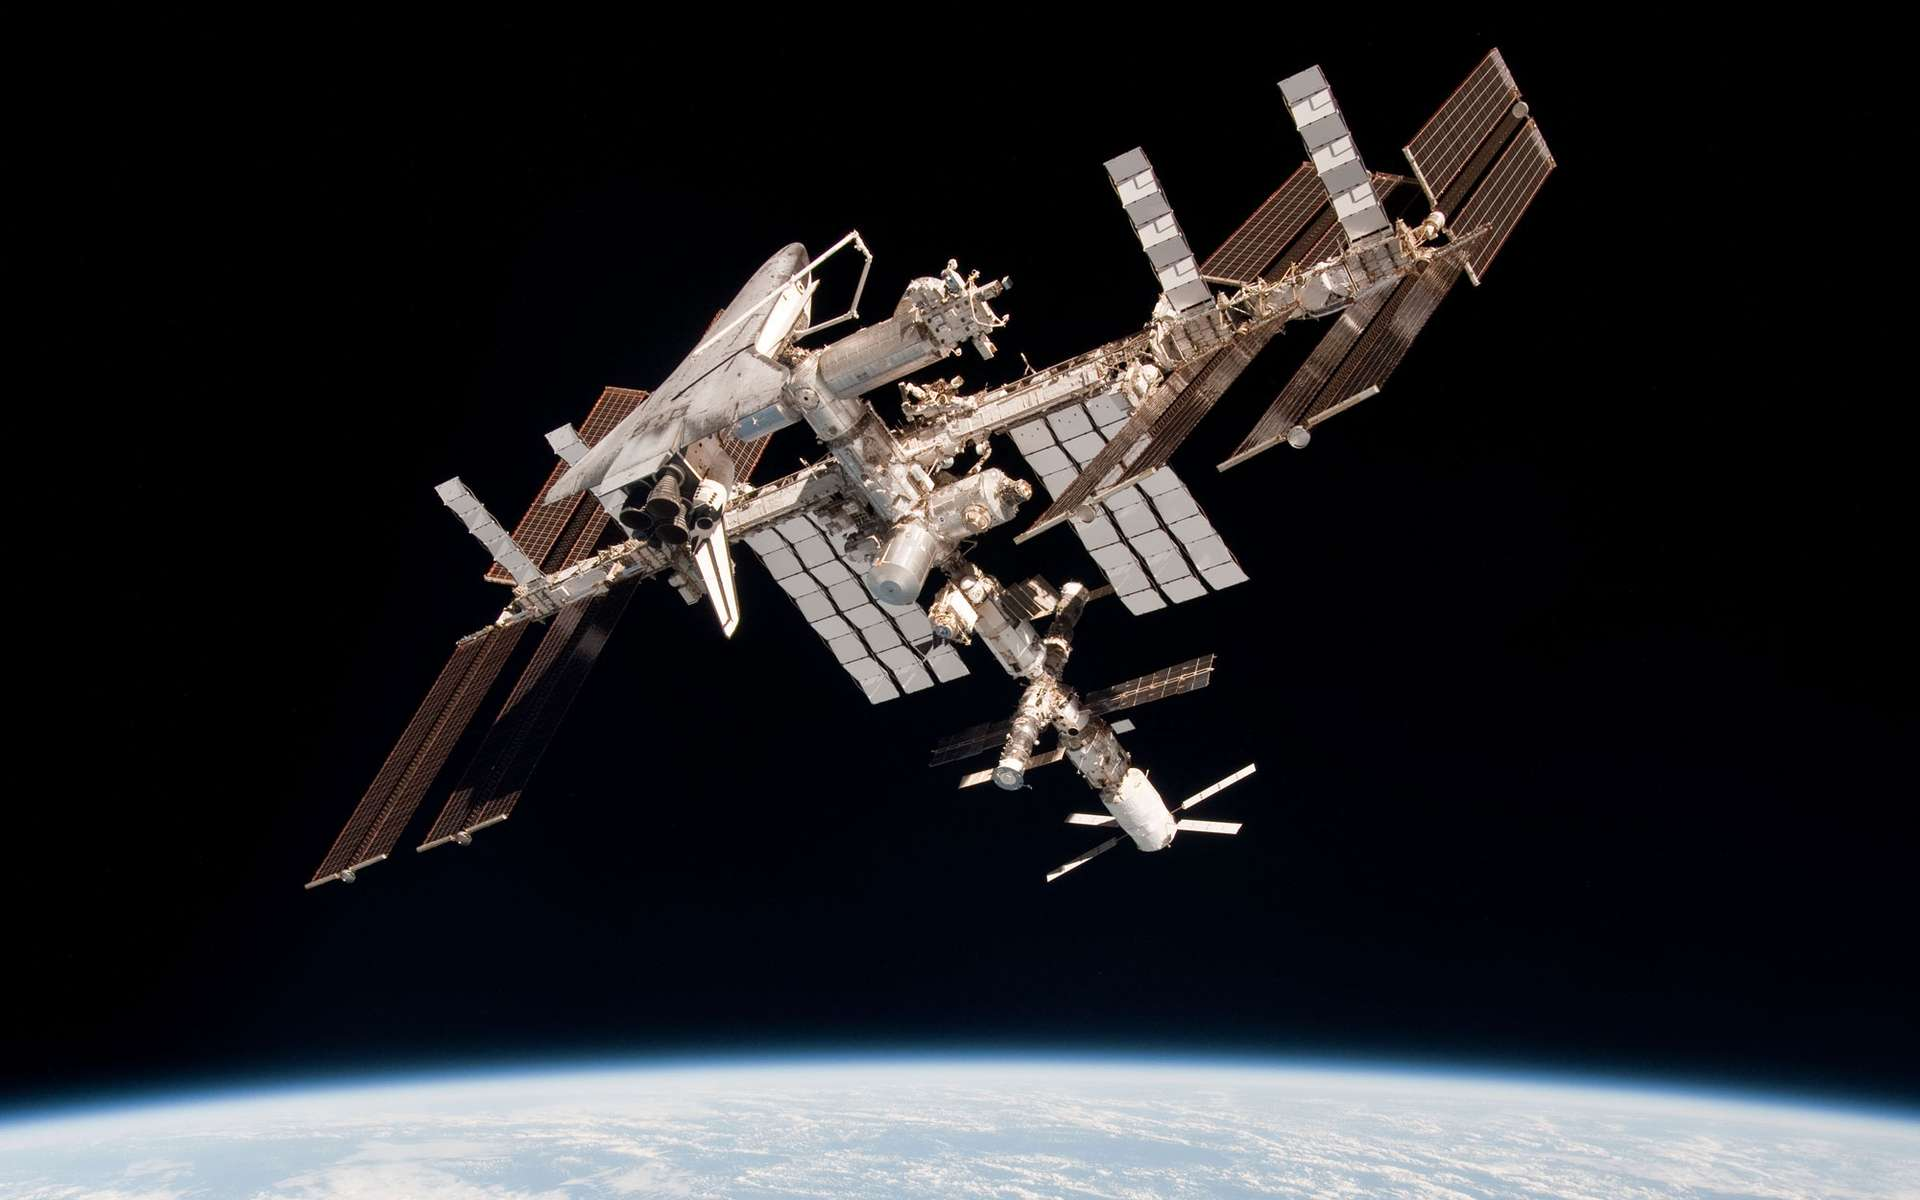 La Station spatiale internationale avec de nombreux véhicules de transport amarrés, dont l'ATV et la navette qui ne sont plus en service. Il faut y ajouter aujourd'hui le Dragon de SpaceX et le Cygnus d'Orbital ATK et, demain, la version habitée du Dragon et le Starliner de Boeing, sans oublier un module gonflable en test et un port d'amarrage de secours. L'ISS commence à évoquer un ordinateur qui manquerait de prises USB... © Nasa